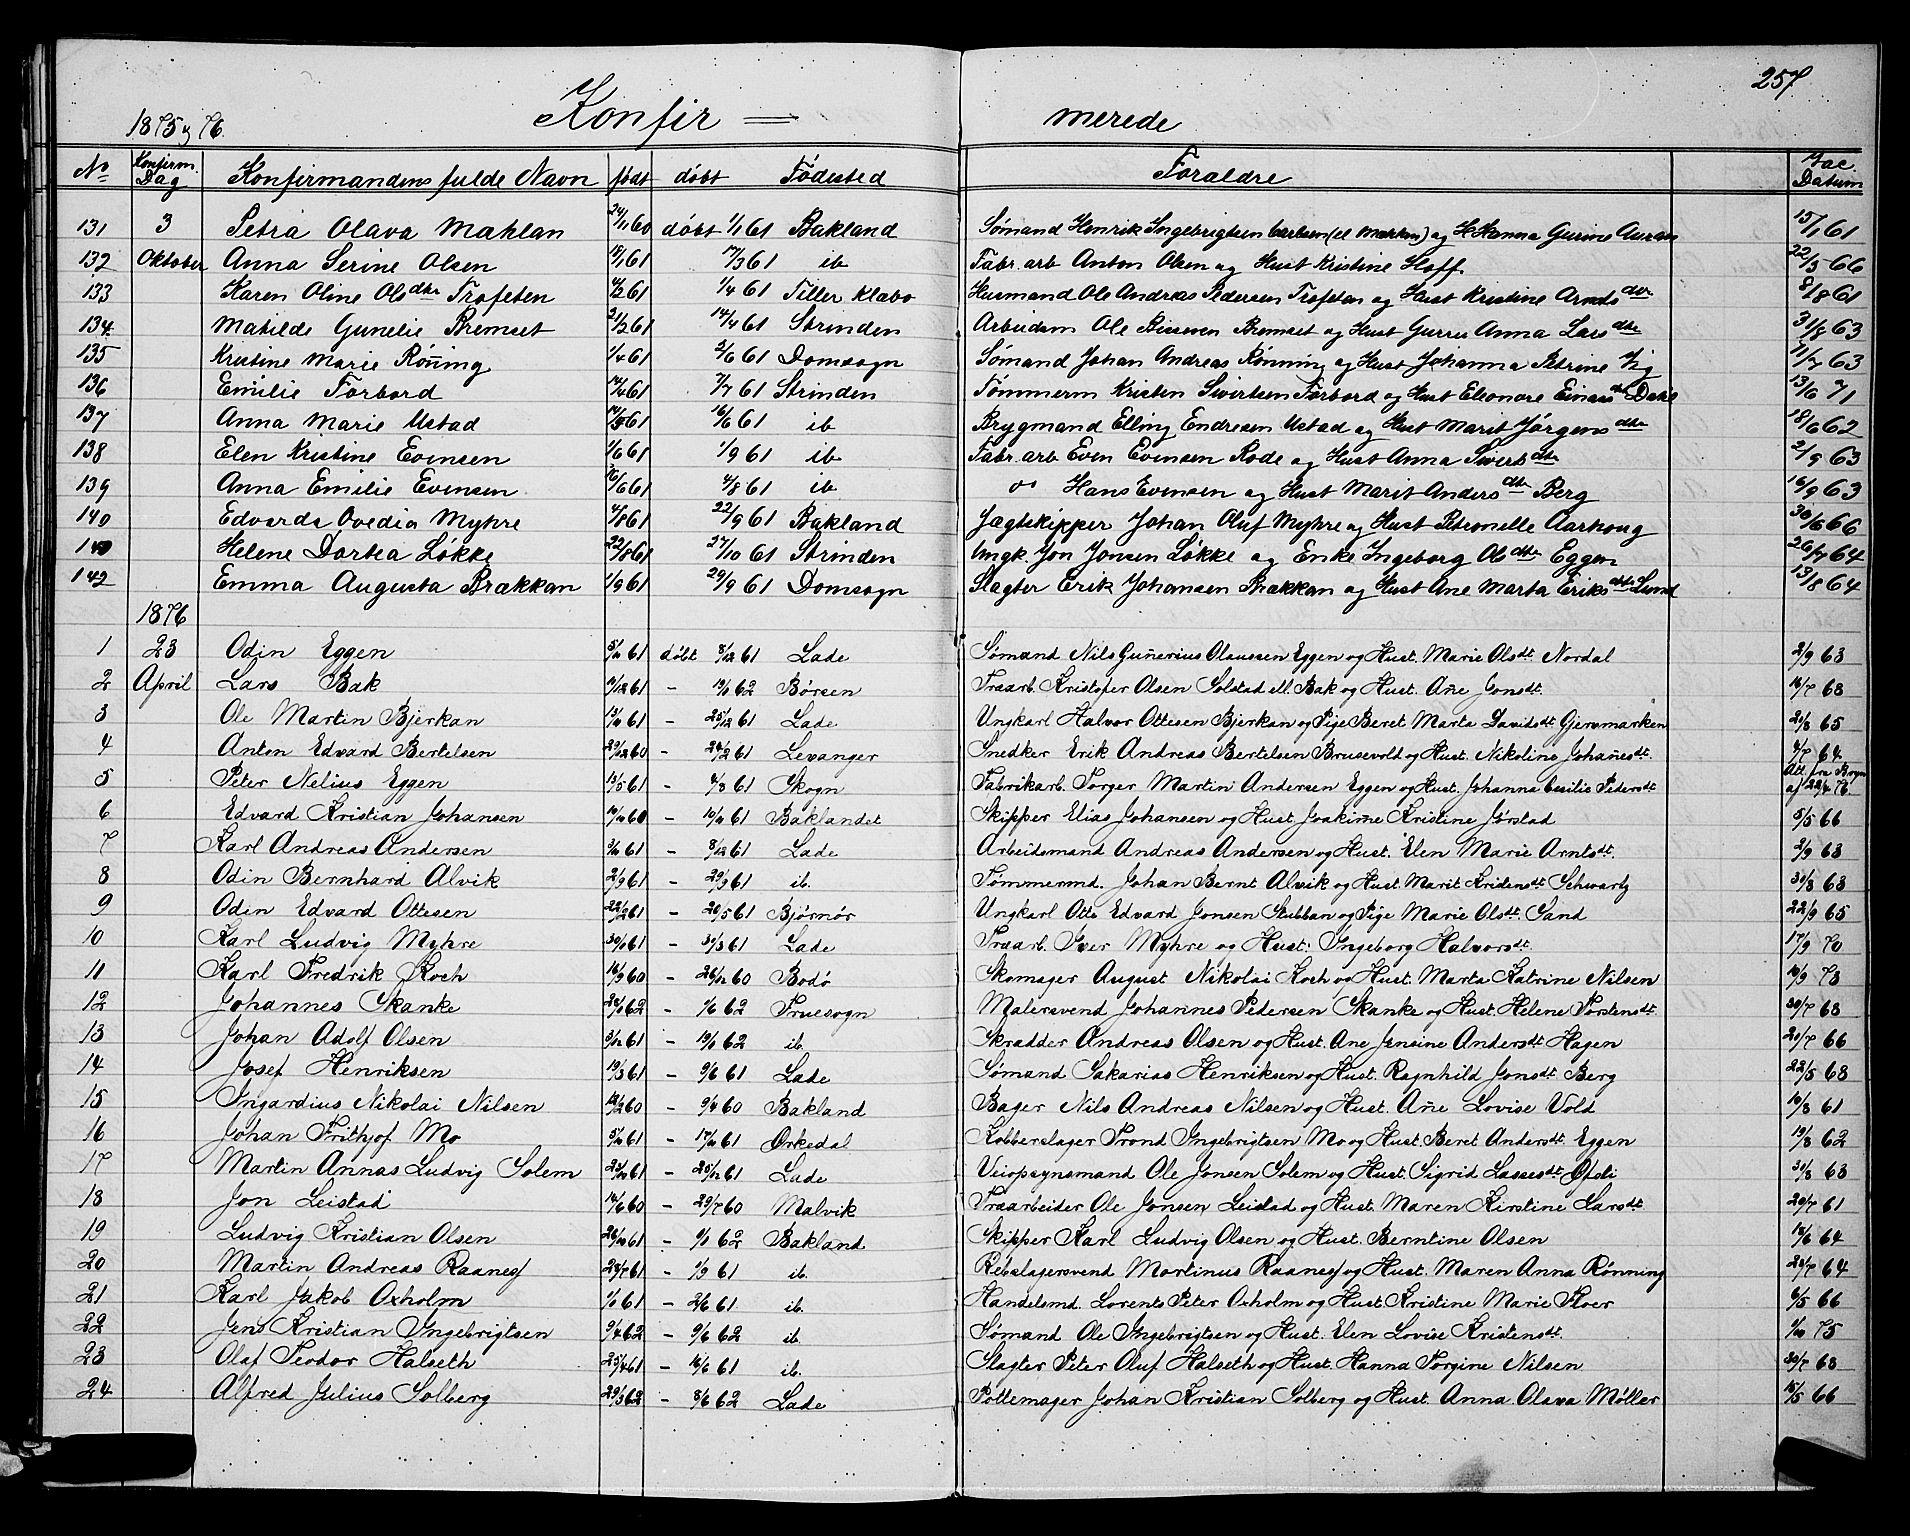 SAT, Ministerialprotokoller, klokkerbøker og fødselsregistre - Sør-Trøndelag, 604/L0220: Klokkerbok nr. 604C03, 1870-1885, s. 257